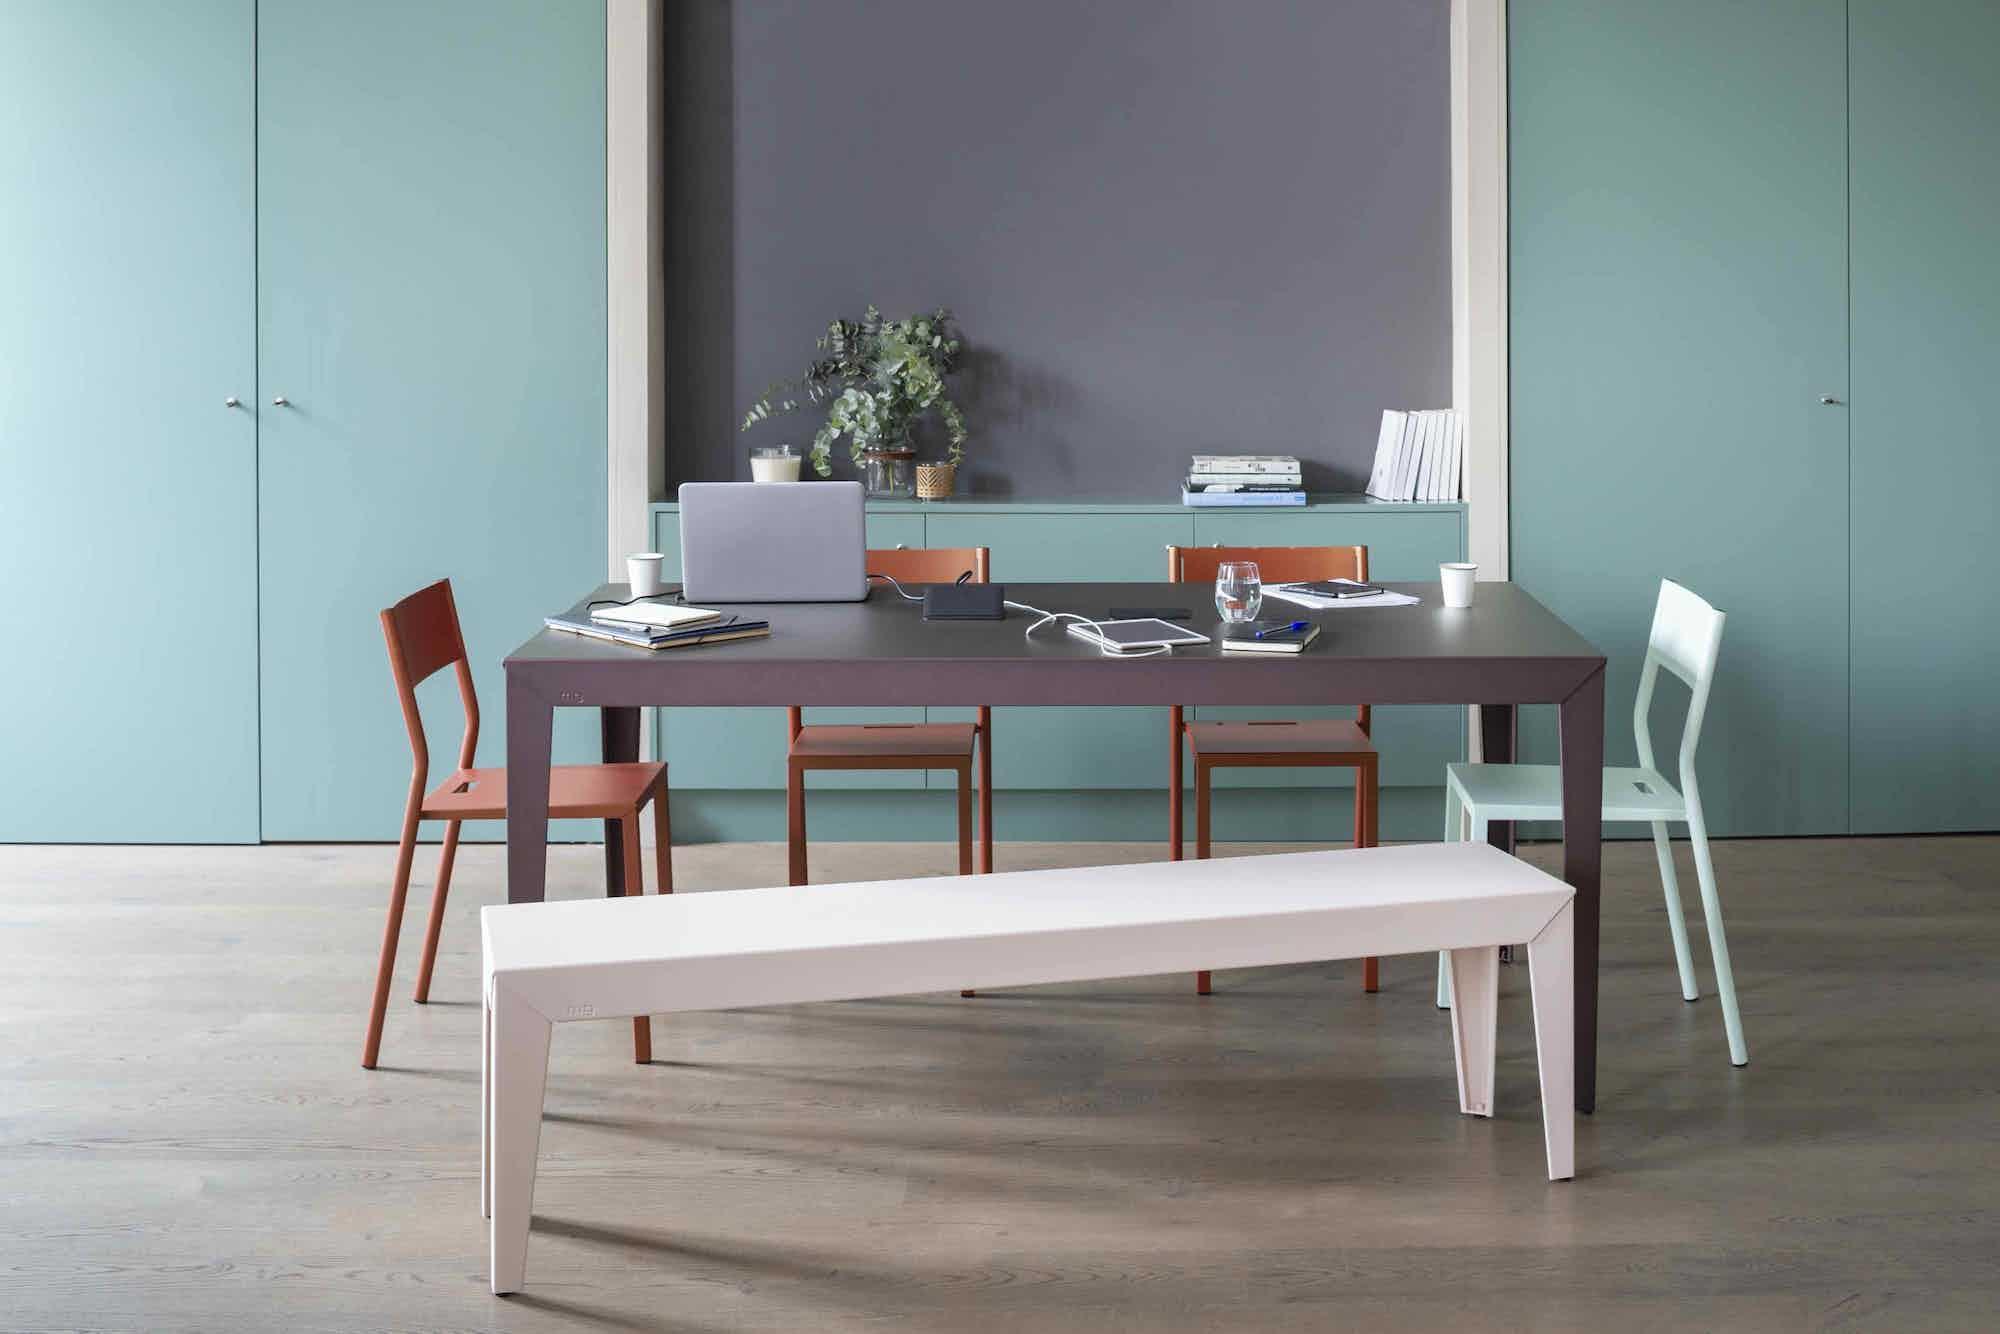 Matiere grise luc jozancy zef table rectangle pieds effiles metal table repas salle a manger bureau connectique prise integree